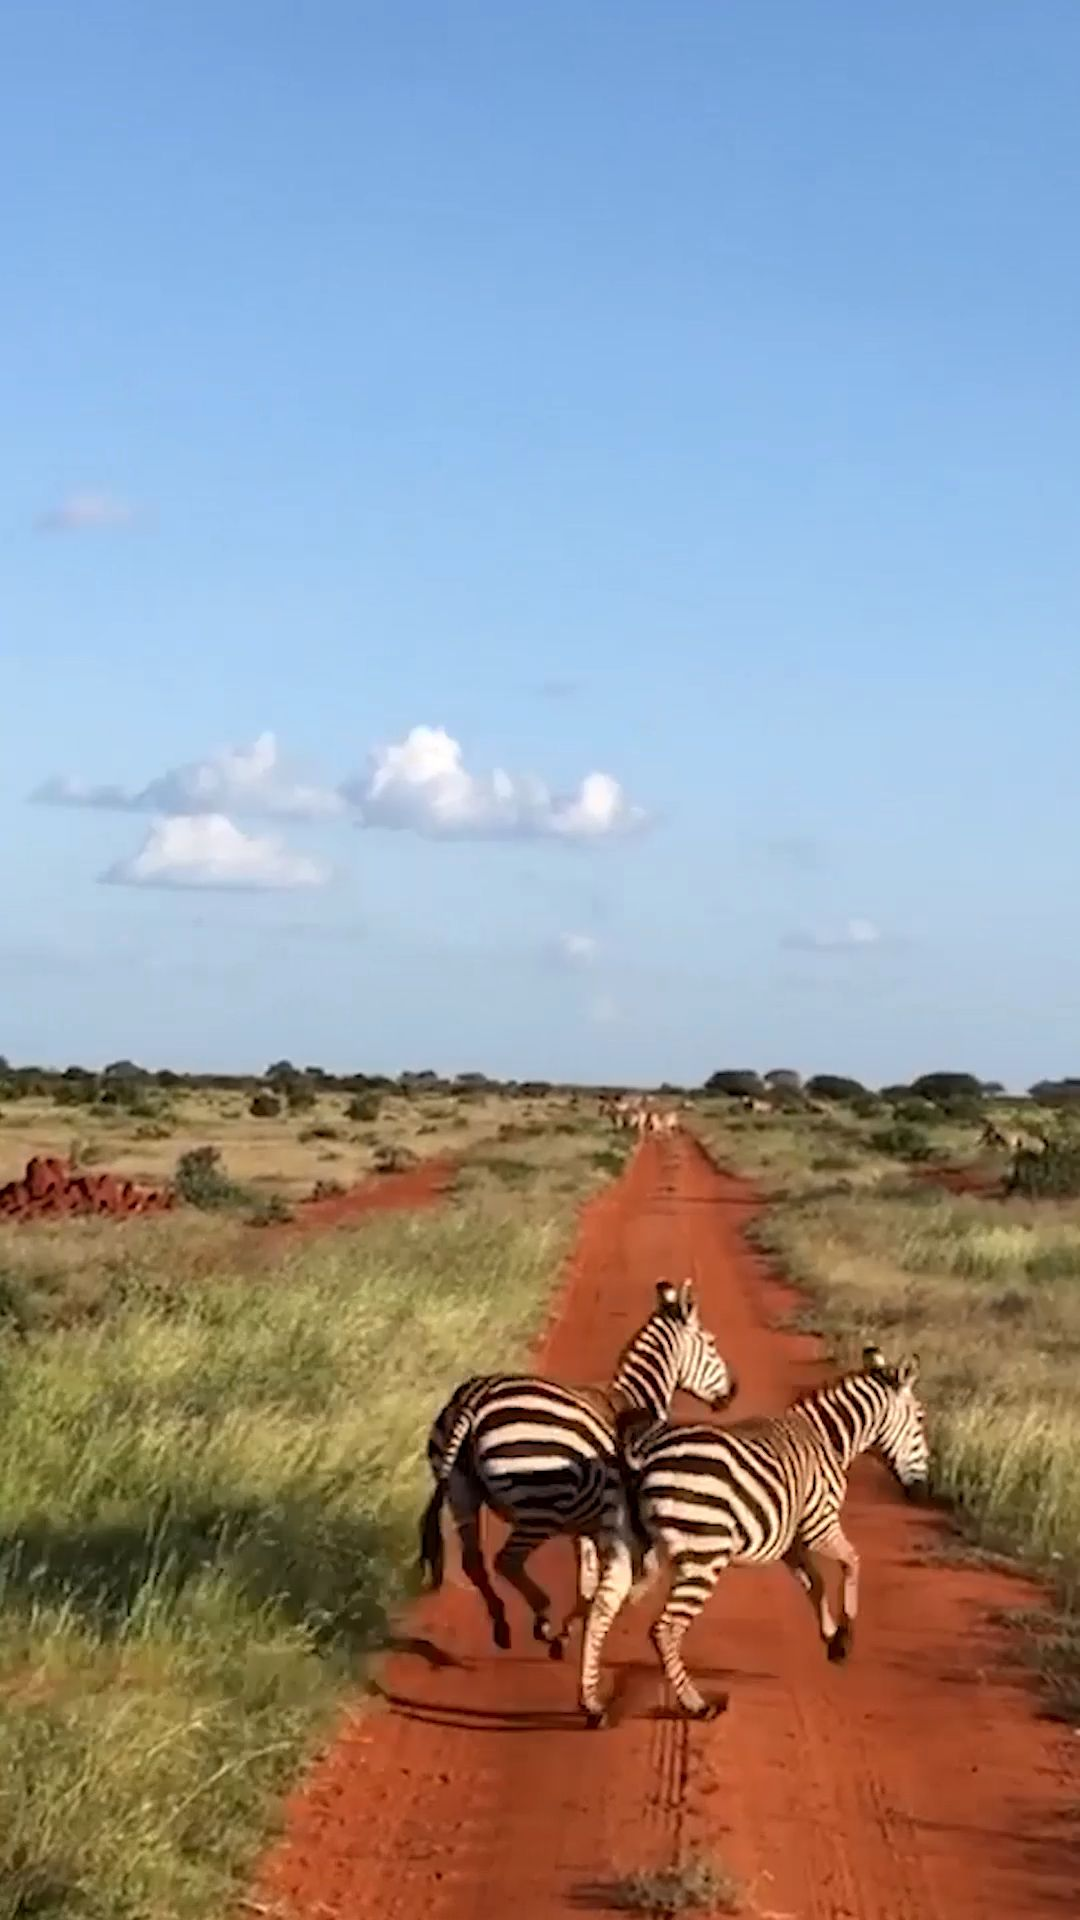 Das Abenteuer Safari in Kenia solltest du keinesfalls verpassen! Aber wie geht man vor bei der Planung? Wo Bucht man? Auf was sollte man achten? Von der Planung ab ins Abenteuer - ich verrate dir wie. #afrika #kenia #safari #reisen #reisetipps #dianibeach #tsavo #tsavoeast